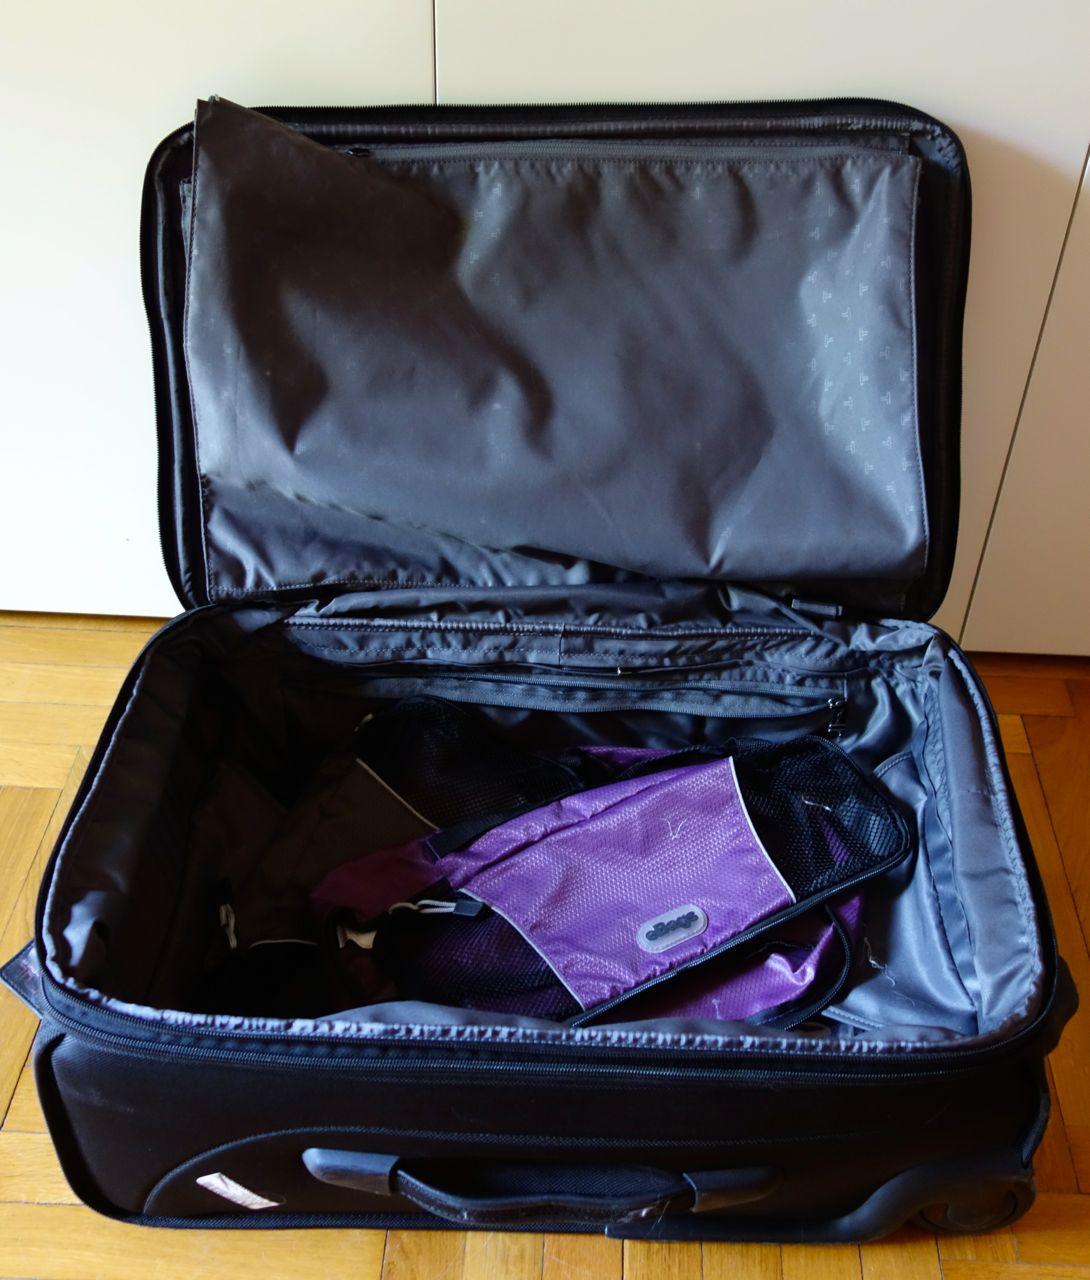 my suitcase